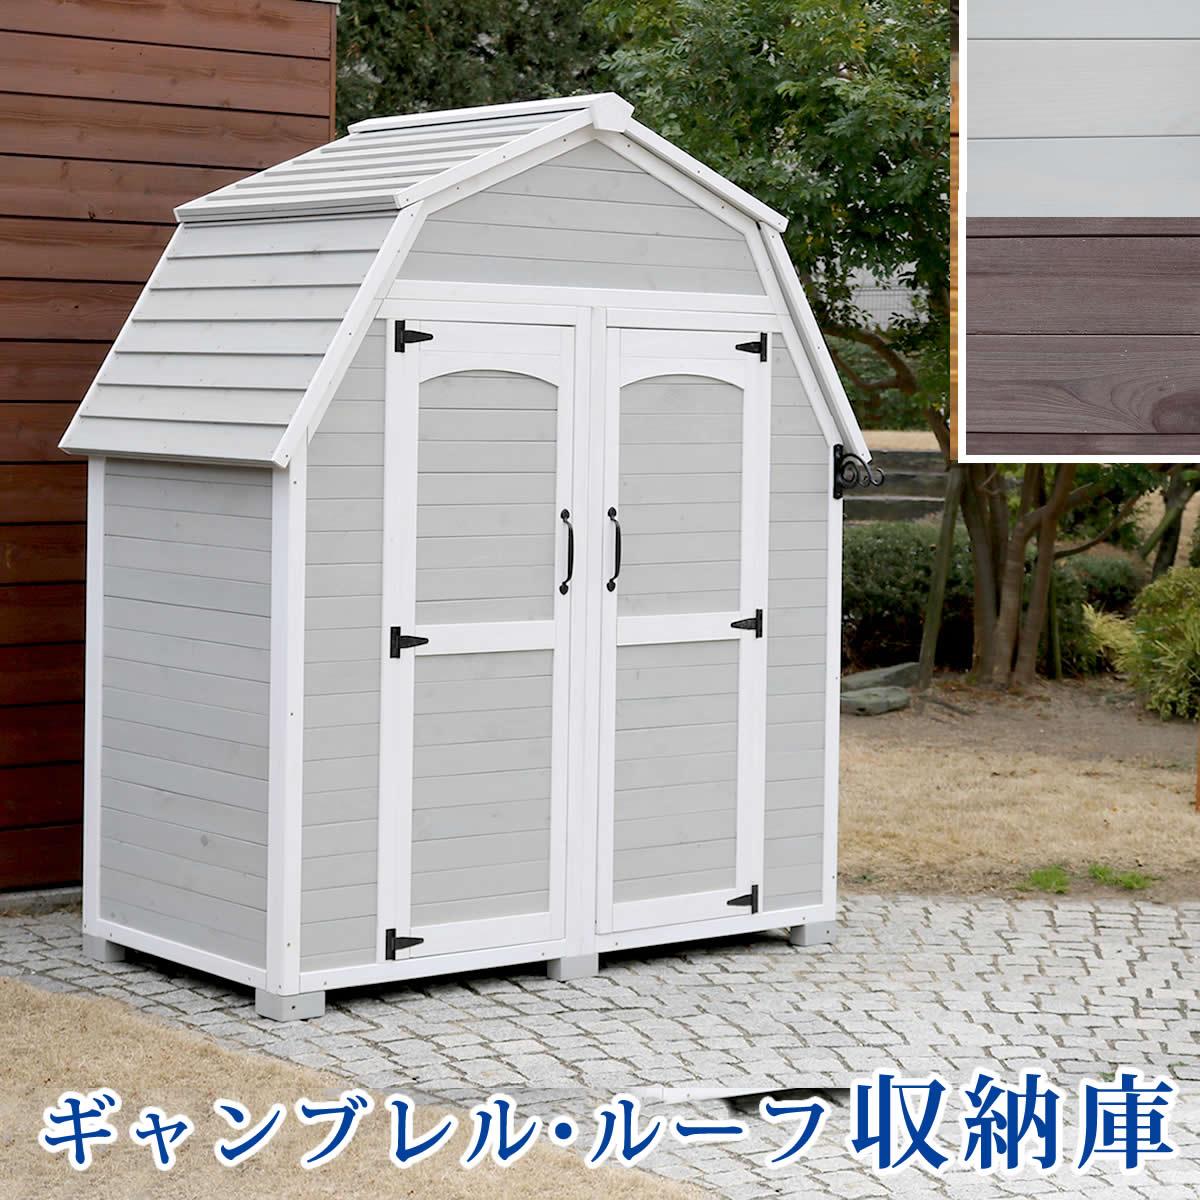 【ポイントアップ+クーポンでお得】物置 屋外 大型 おしゃれ 木製 物置小屋 収納庫 倉庫 天然木 庭 物入れ ガーデン 屋外 家具 diy